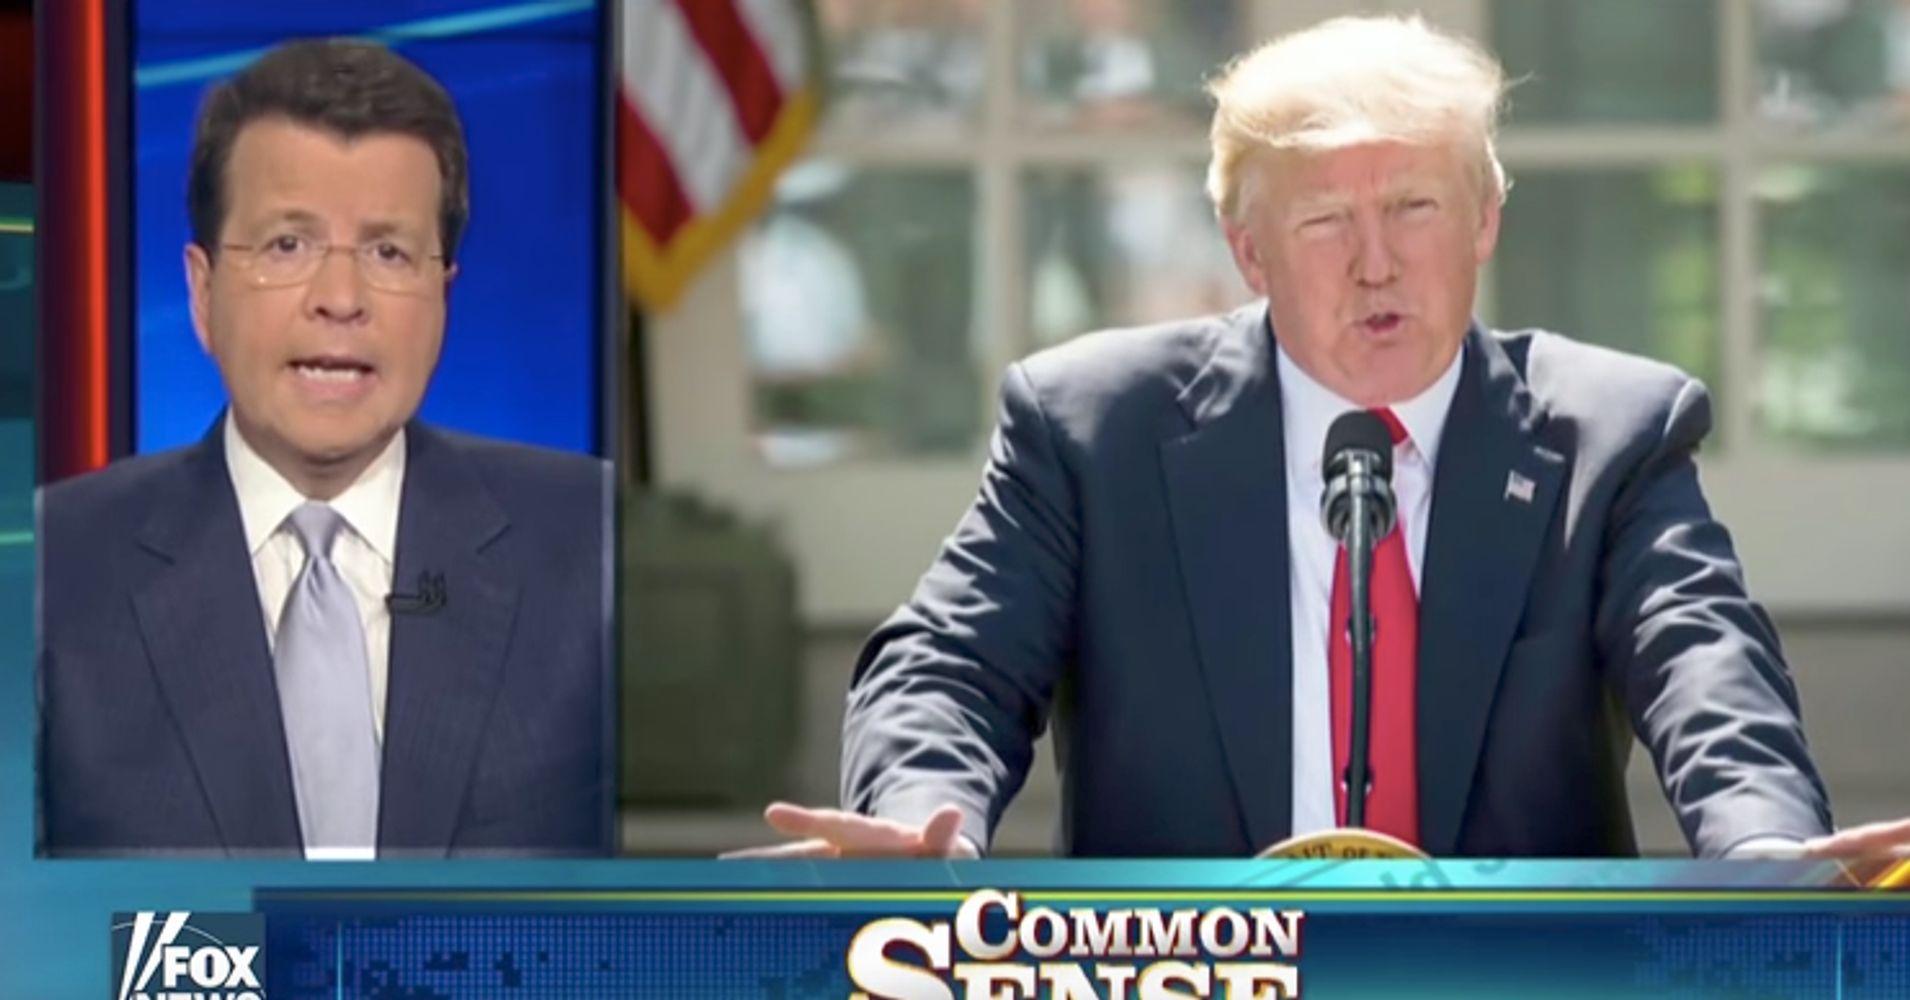 Cache Zhxayjcqce Ops Fox News Neil Cavuto Calls Donald Trump Stop